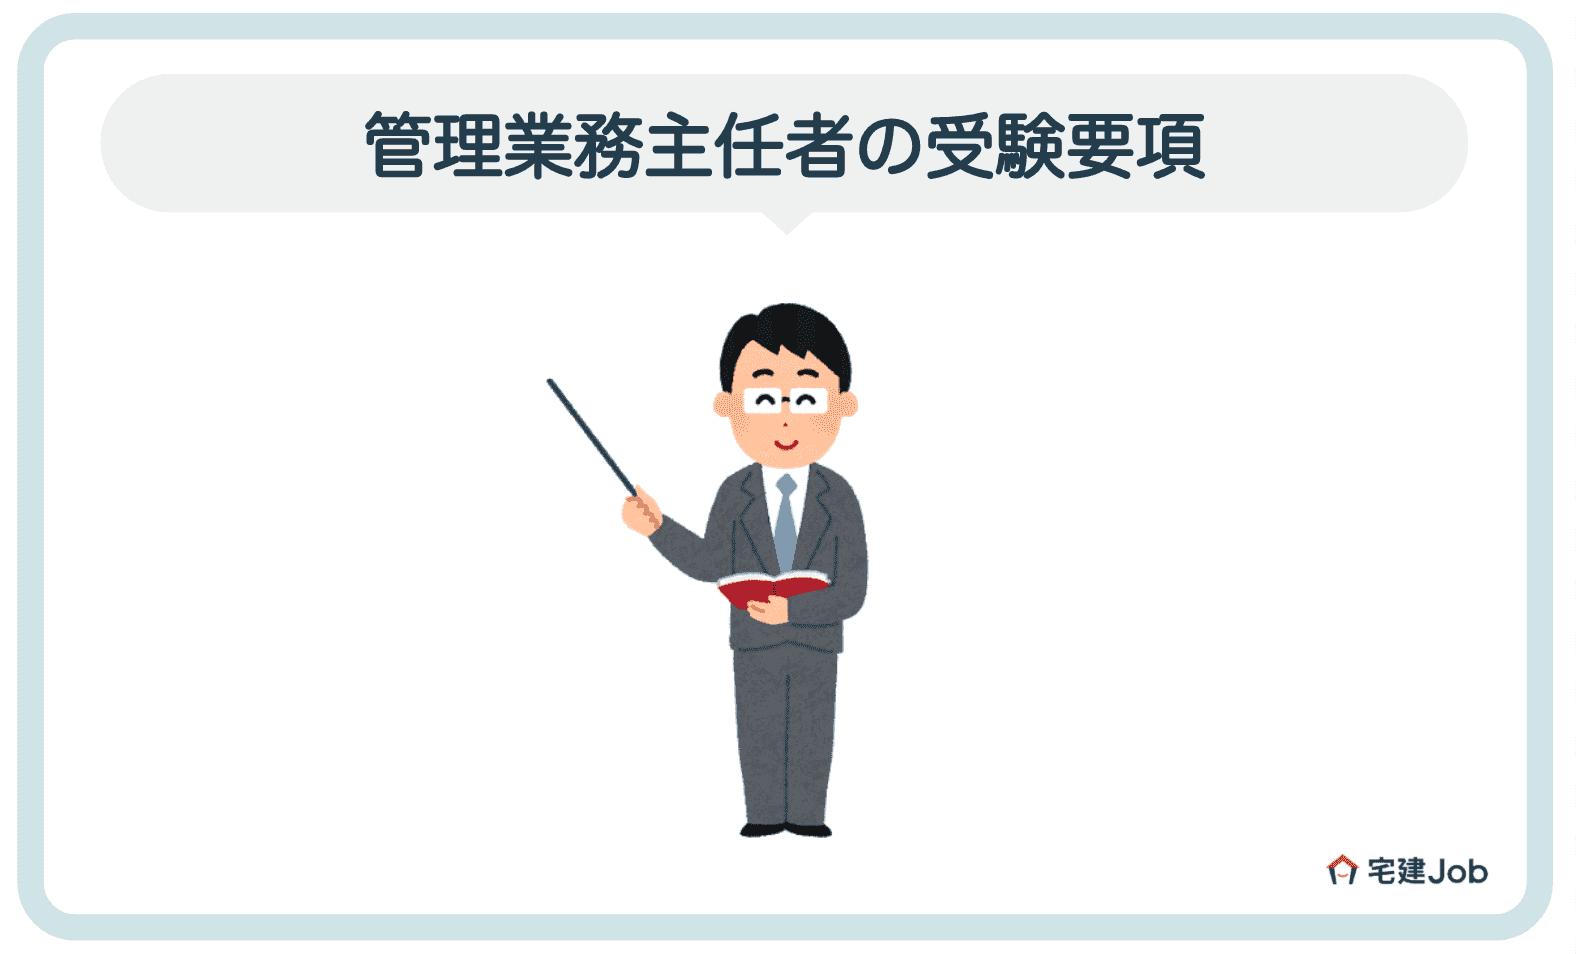 2.管理業務主任者試験の受験要項【試験内容】